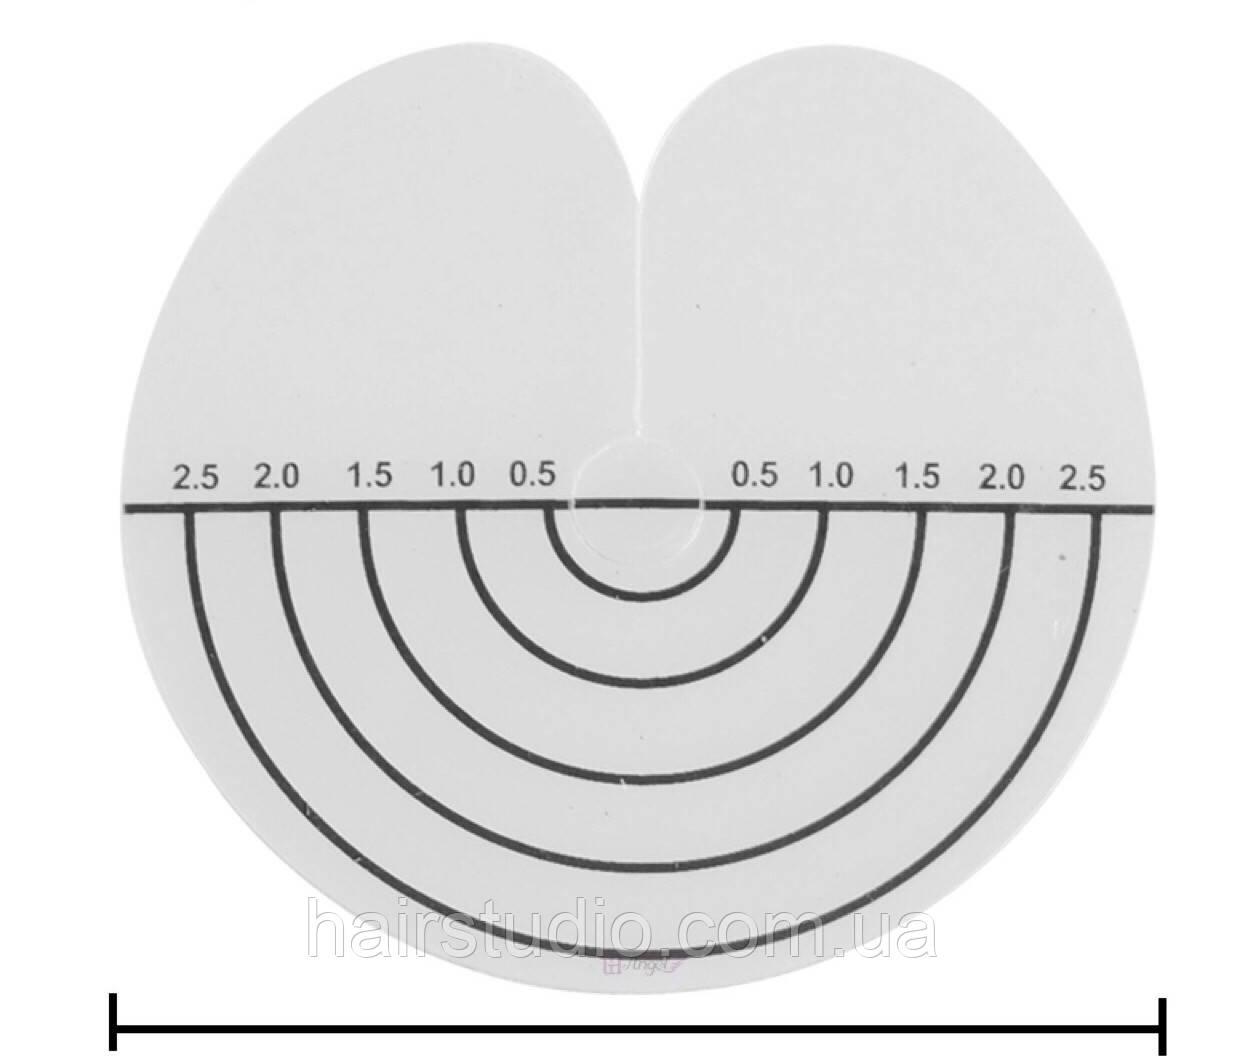 Пластиковые диски-разделители прядей для наращивания с разметкой